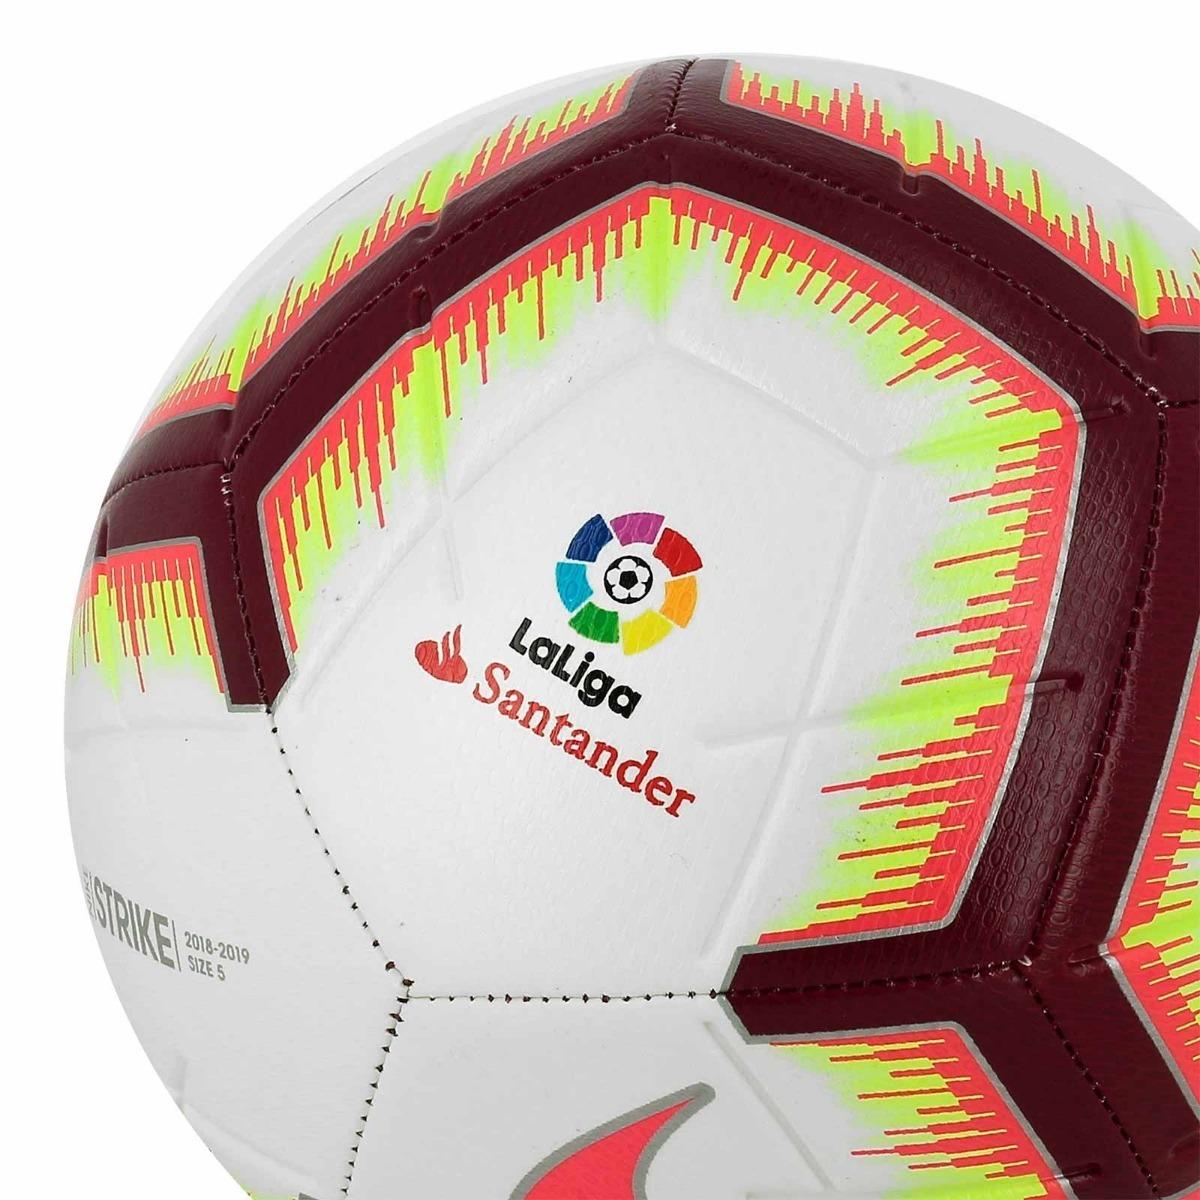 Balon Nike Futbol La Liga 2018-2019 Strike -   549.00 en Mercado Libre b38aa478d2996